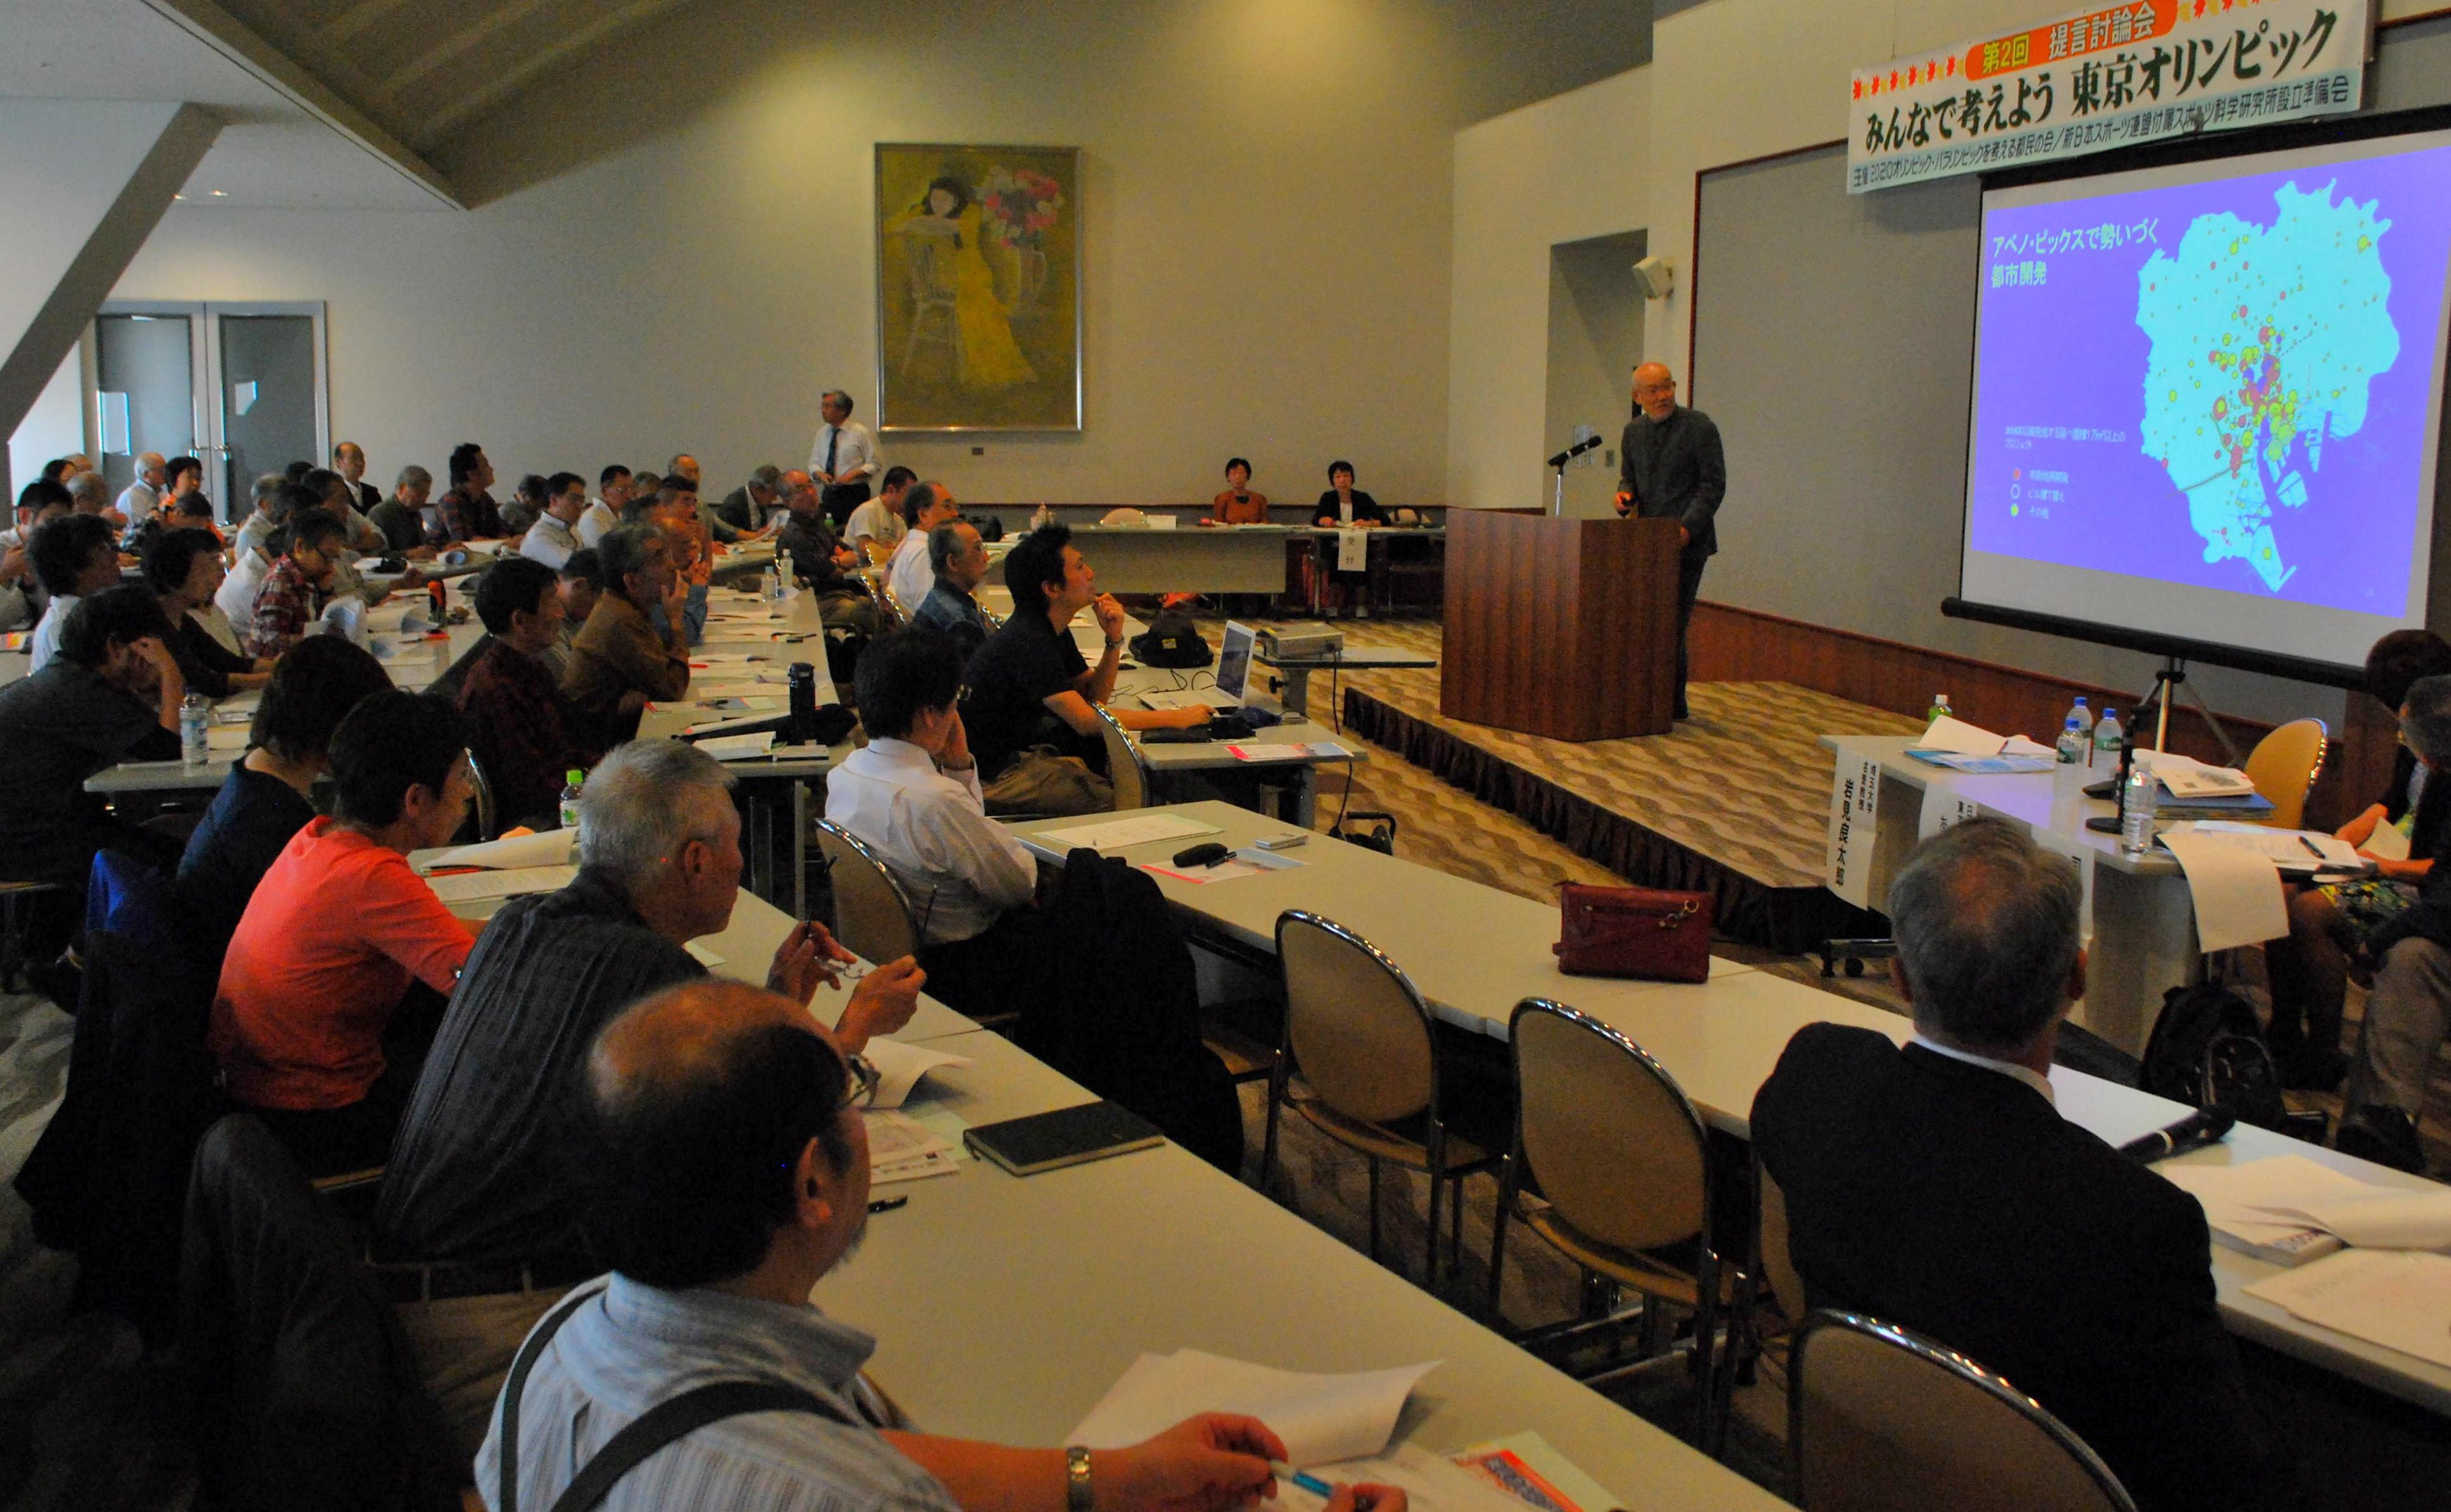 提言討論会「みんなで考えよう 東京オリンピック」でパネリストの話を聞く人たち